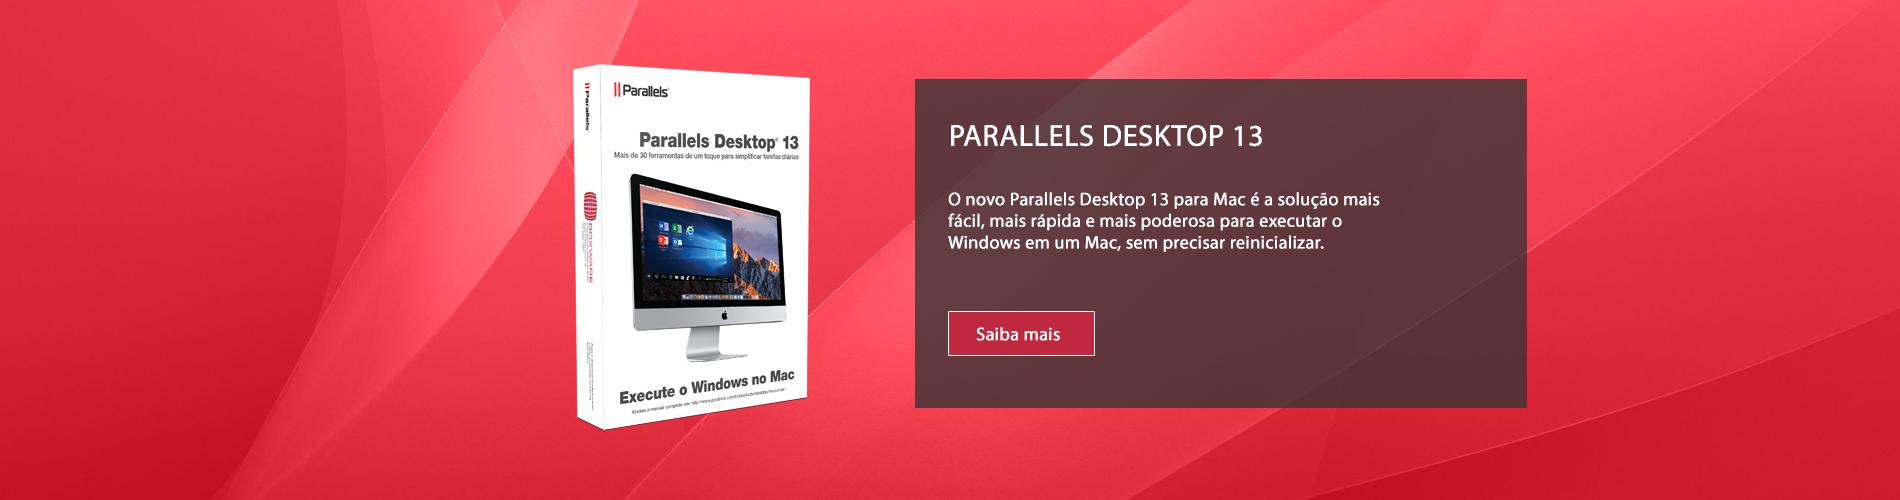 slide_parallels13